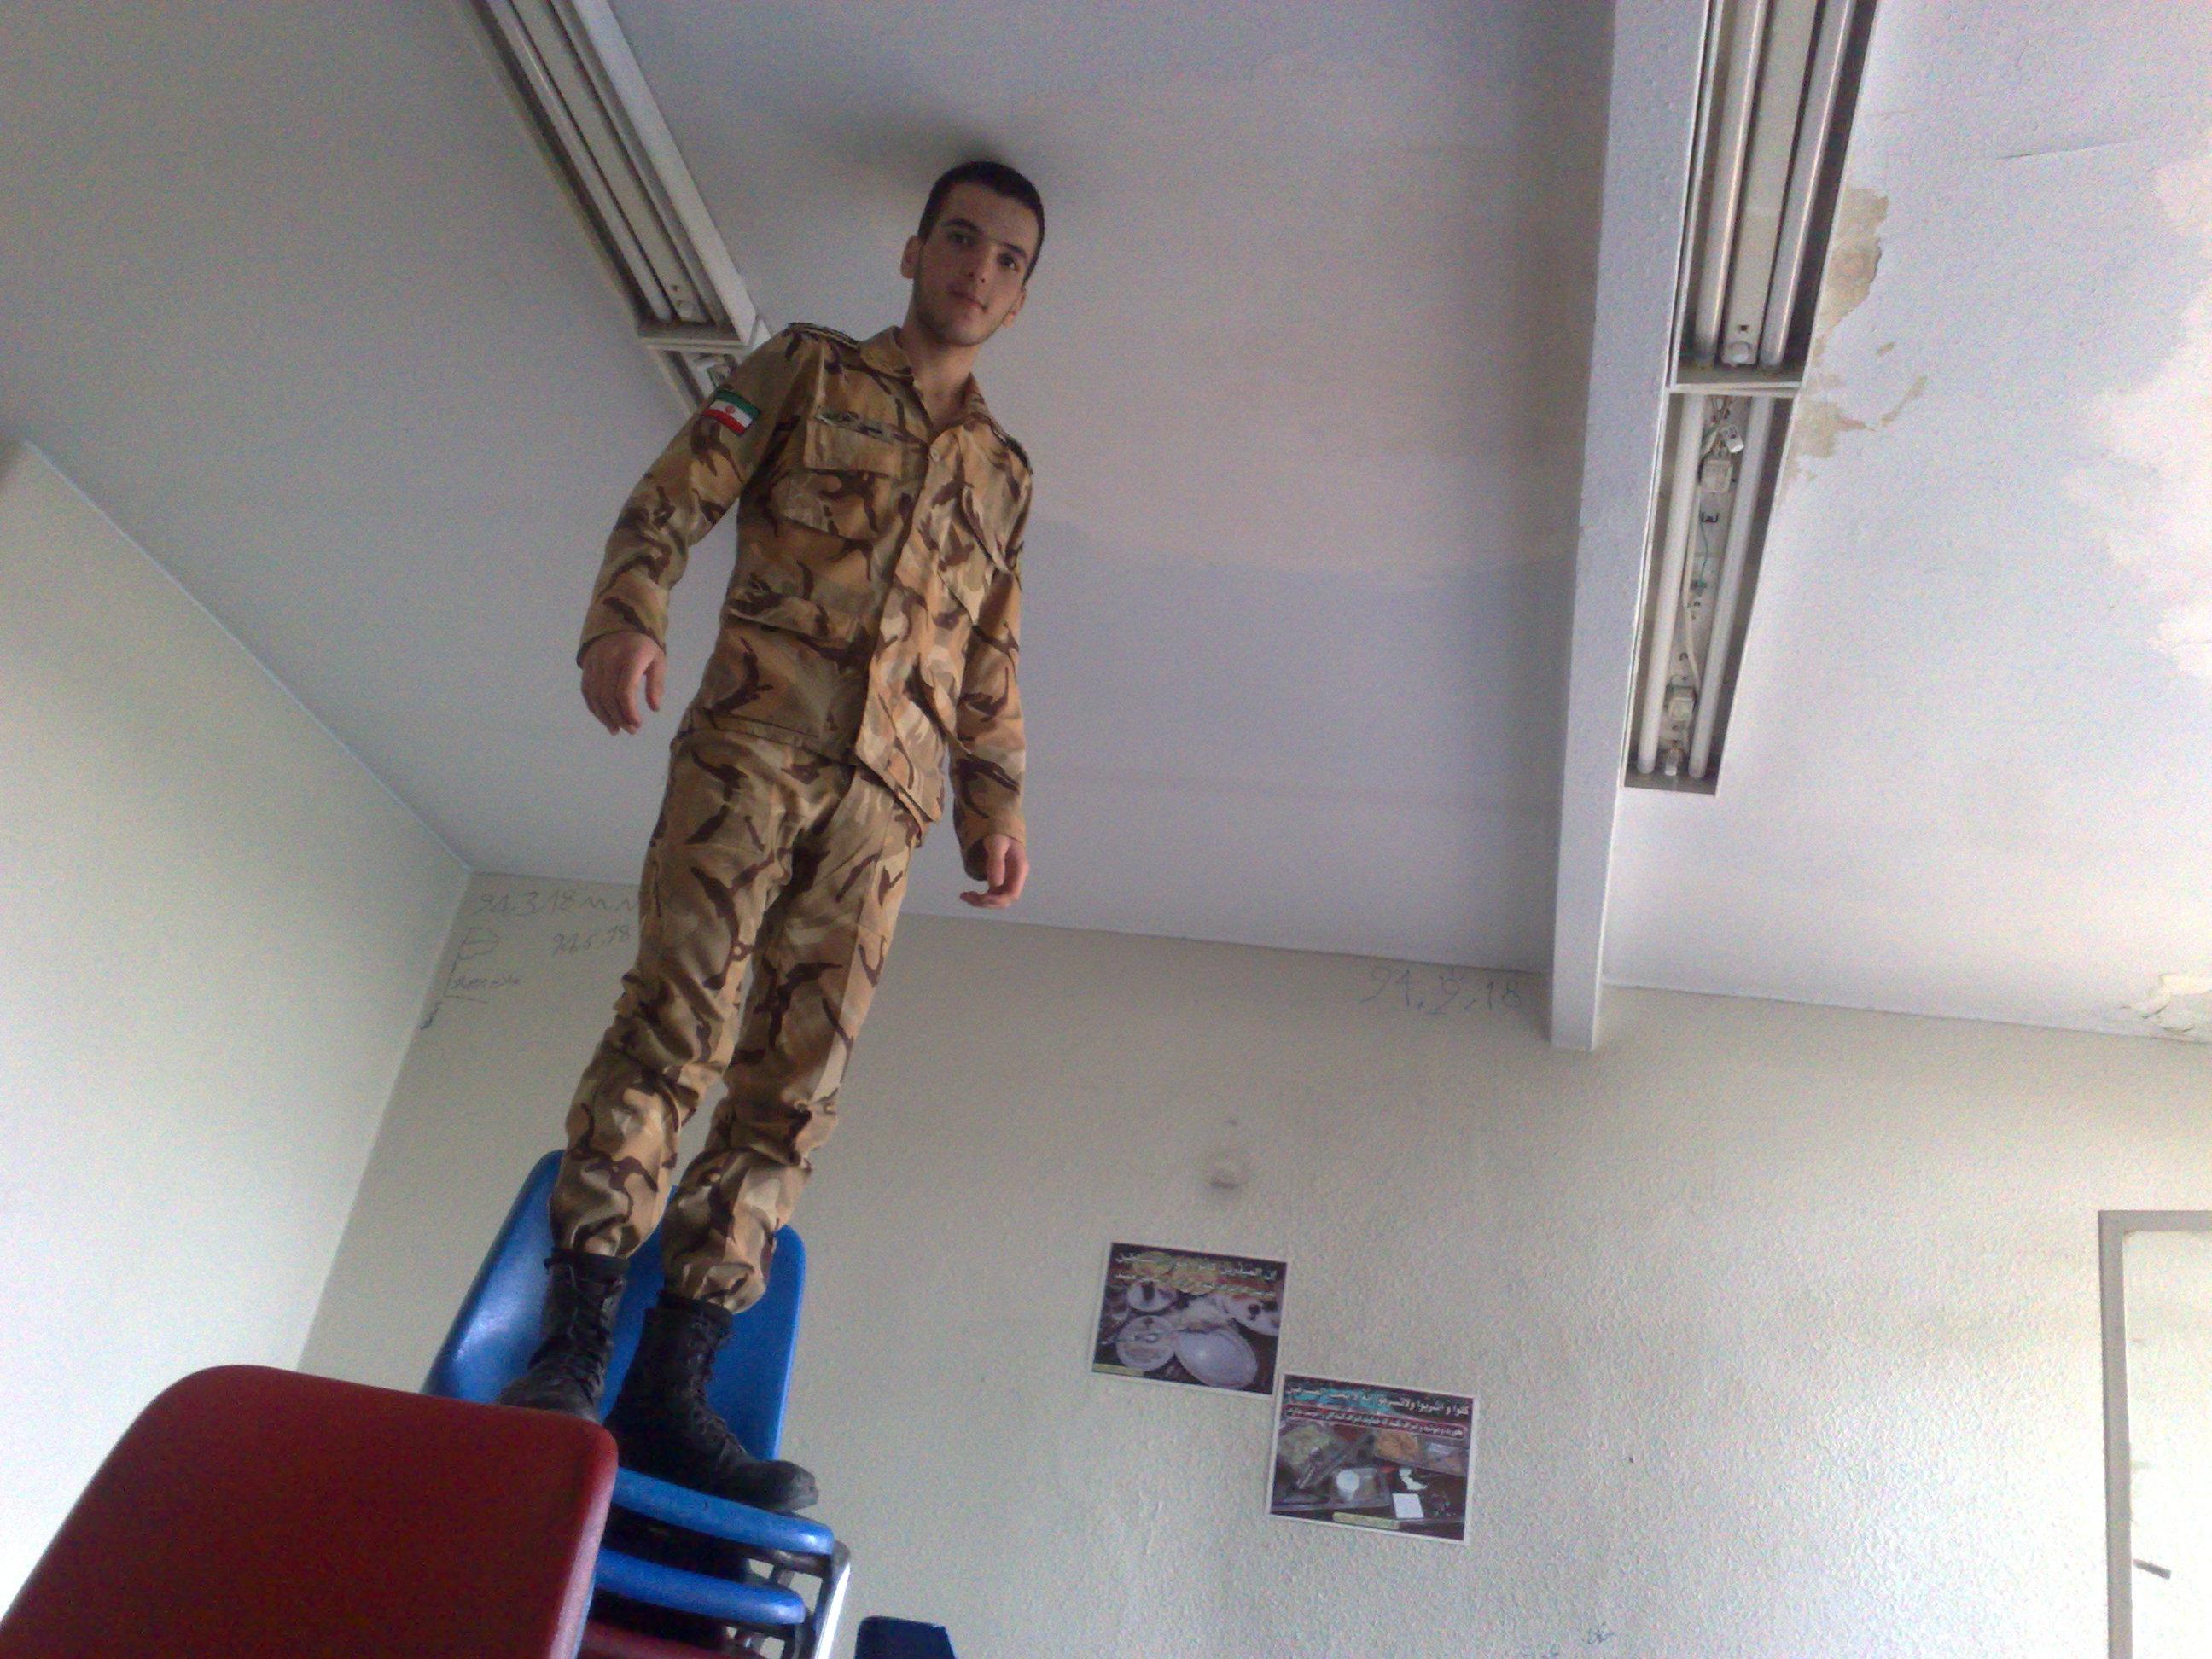 خدمت سربازی رفتن یا نرفتن مساله این است